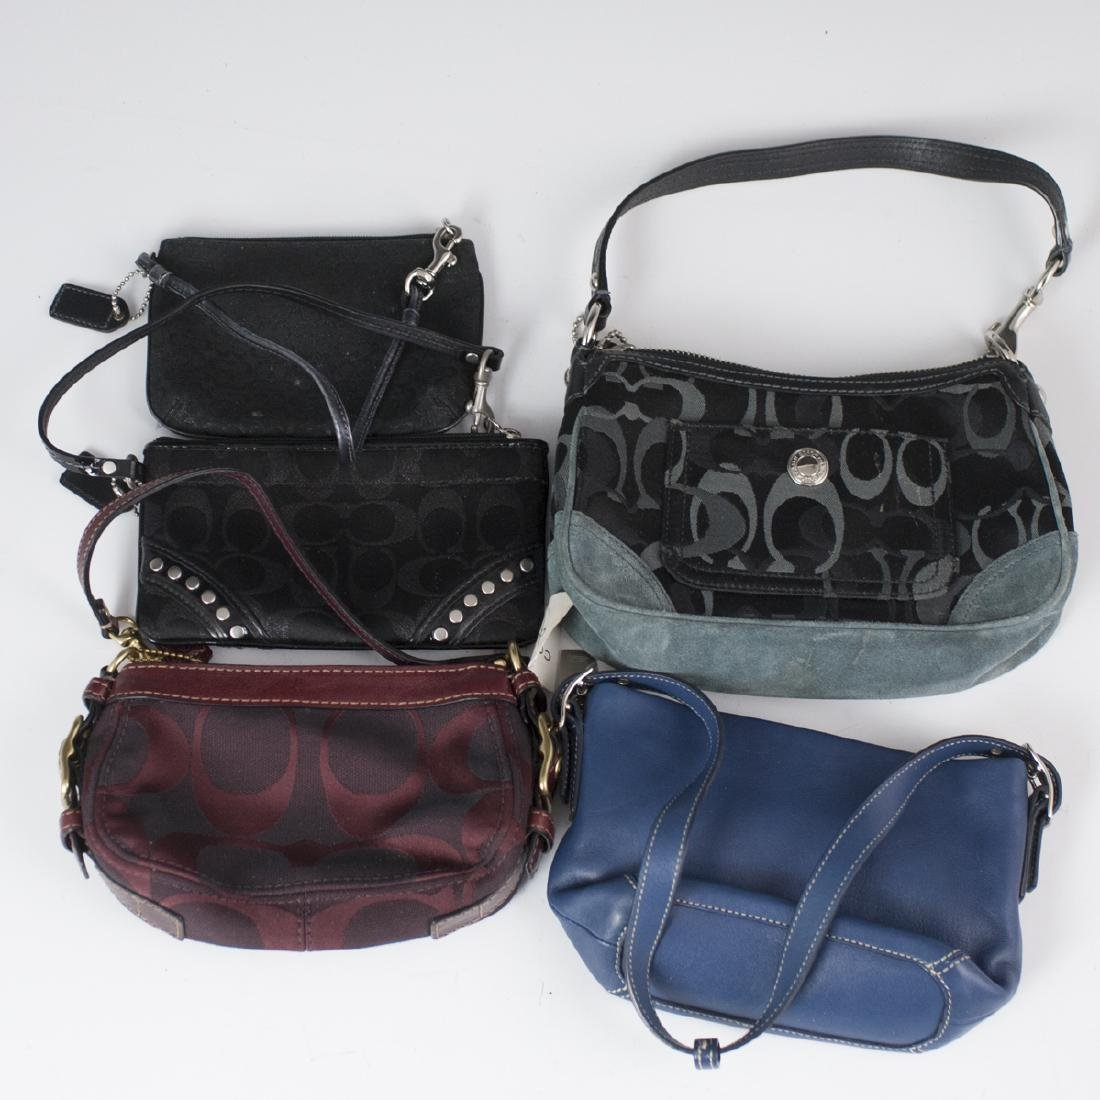 Vintage Coach Clutch Bags